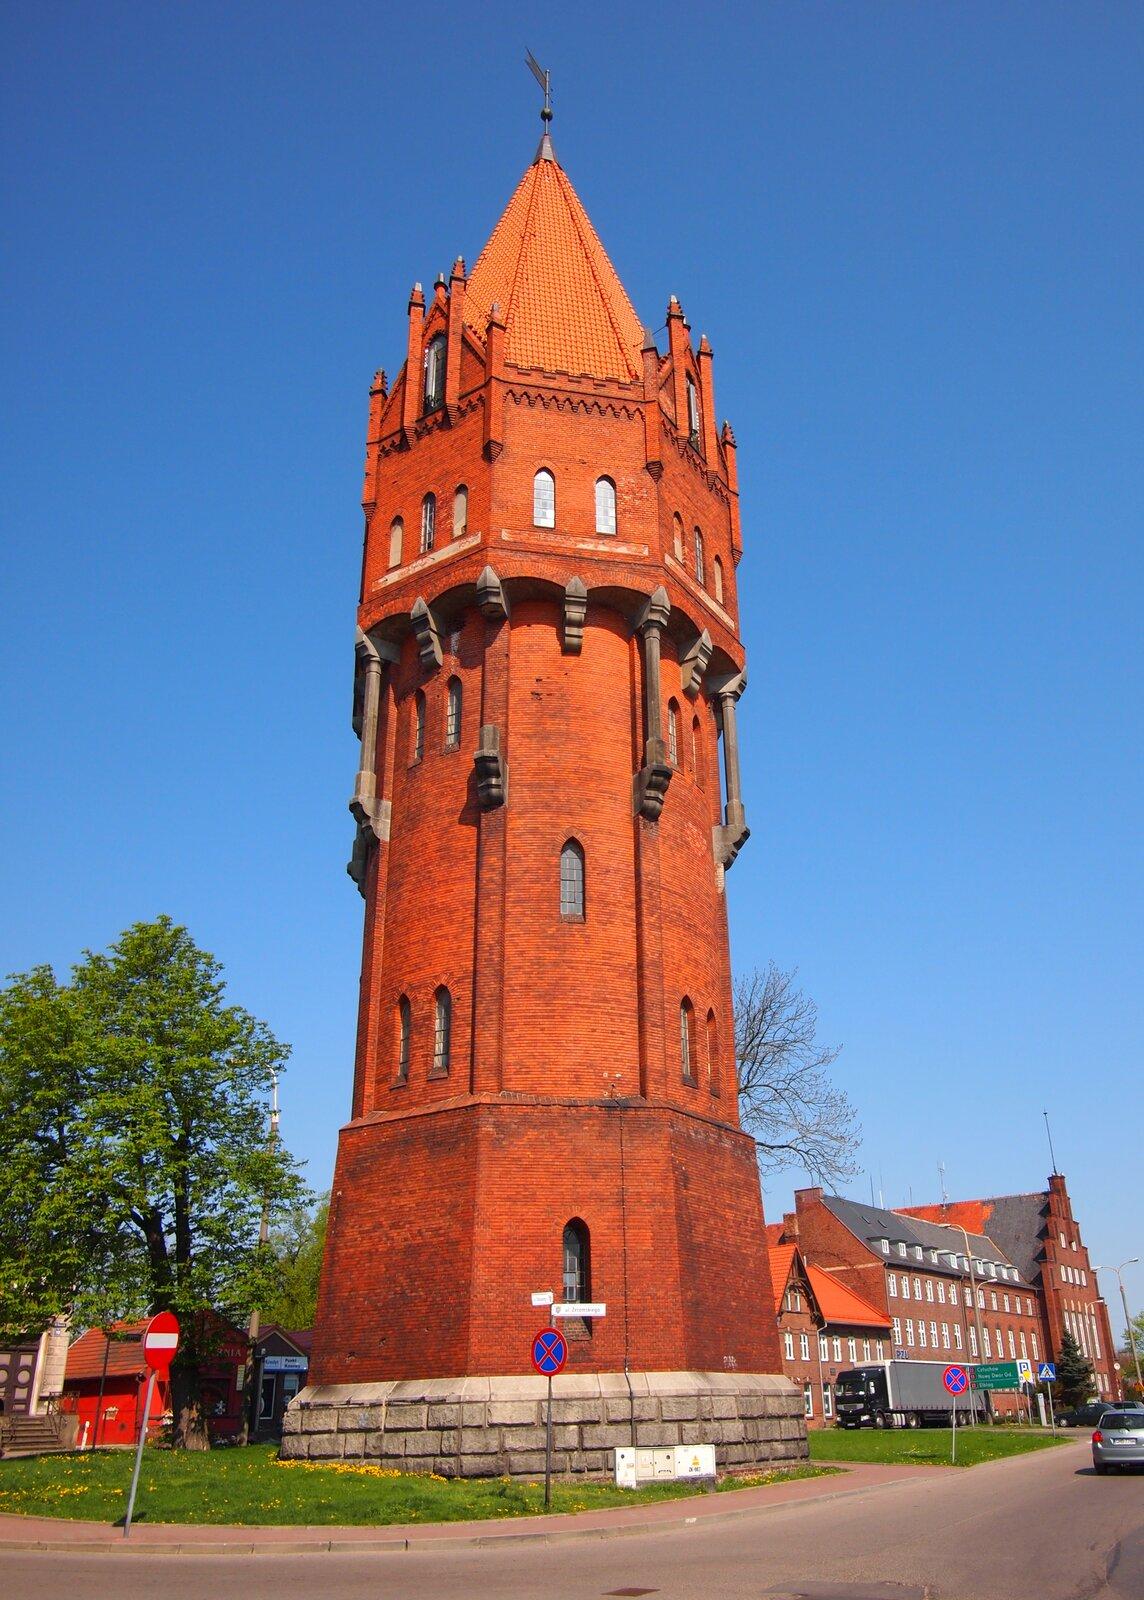 Zdjęcie przedstawia wieżę ciśnień. Wieża zajmuje całą wysokość zdjęcia. Zbudowana zczerwonej cegły. Ozdobnie wykończona. Wtle błękitne niebo. Zlewej stronie wieży zielone drzewo liściaste Zprawej strony, wtle, budynek zczerwonej cegły. Tuż przed wieżą ulica.